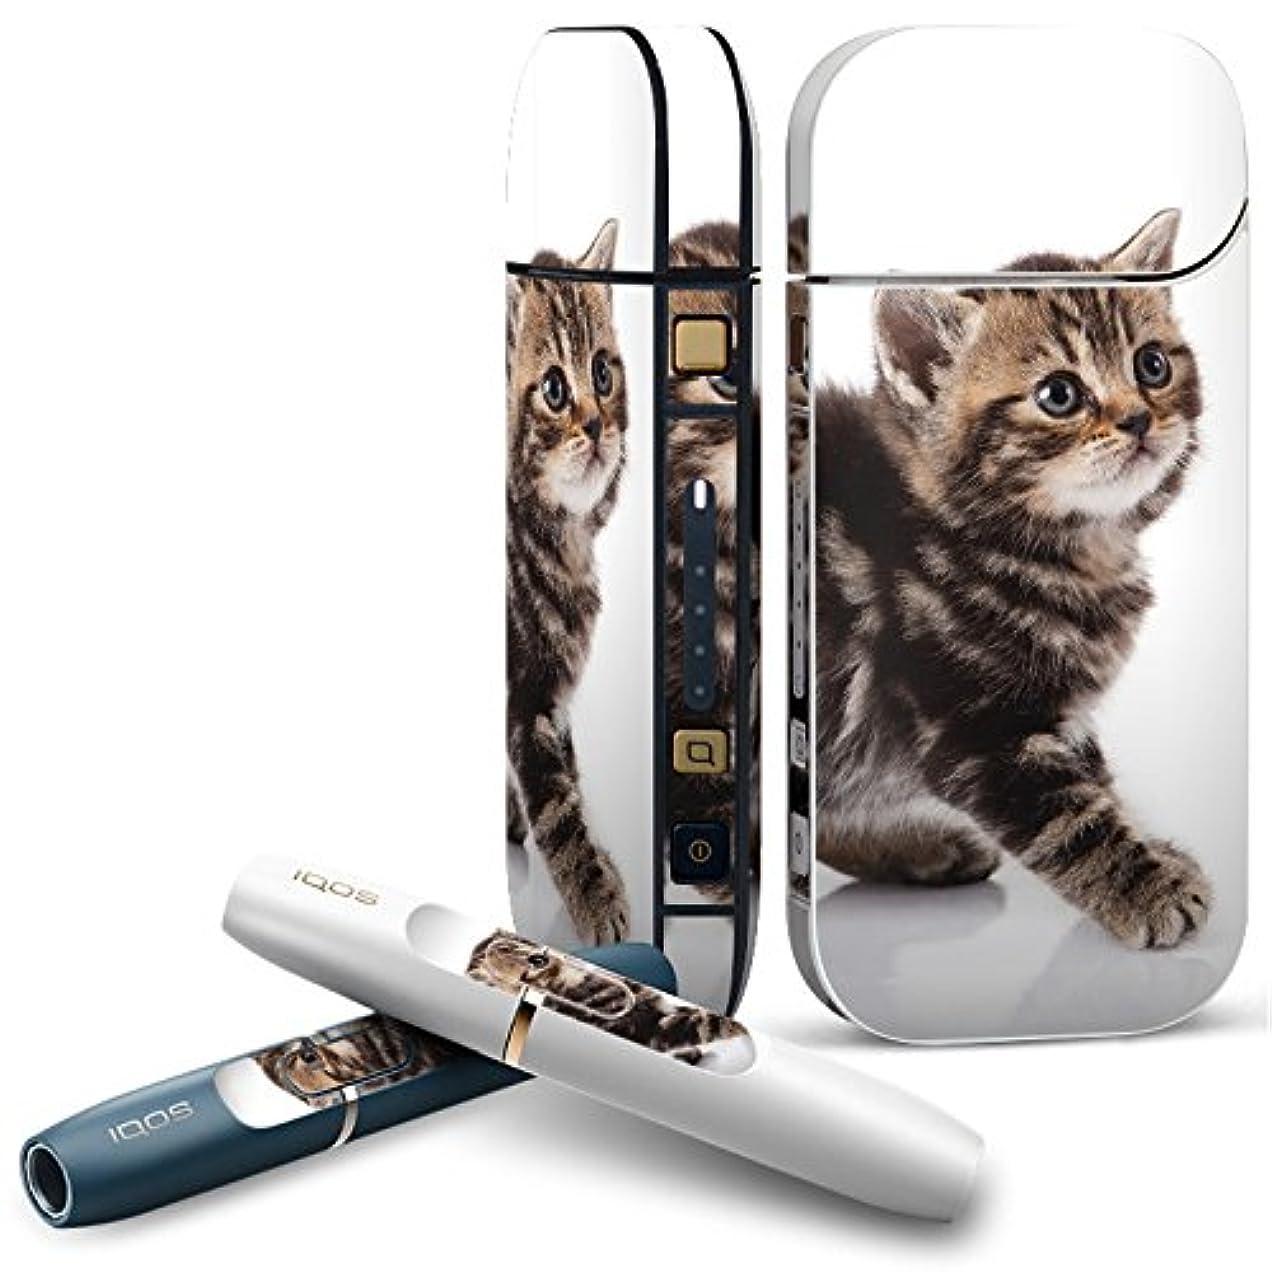 広い生き物八百屋さんIQOS 2.4 plus 専用スキンシール COMPLETE アイコス 全面セット サイド ボタン デコ アニマル 写真?風景 写真 動物 猫 ねこ 005930